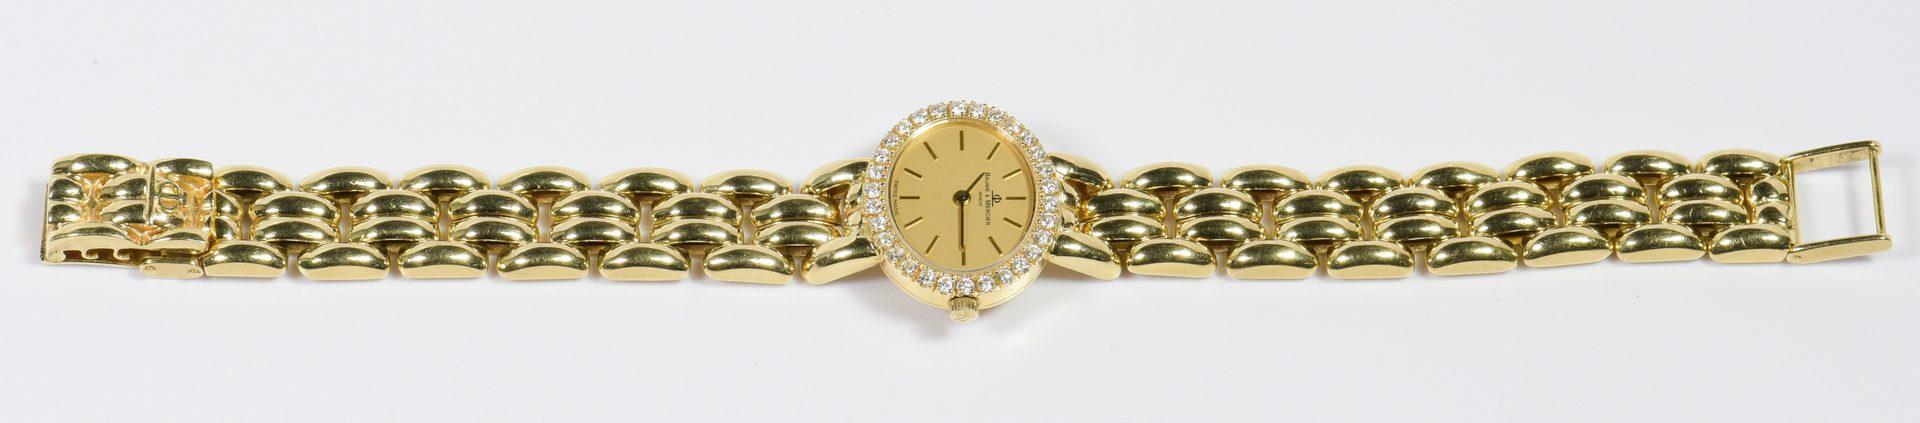 Lot 788: Lady's Baume Mercier 18K Dia Watch